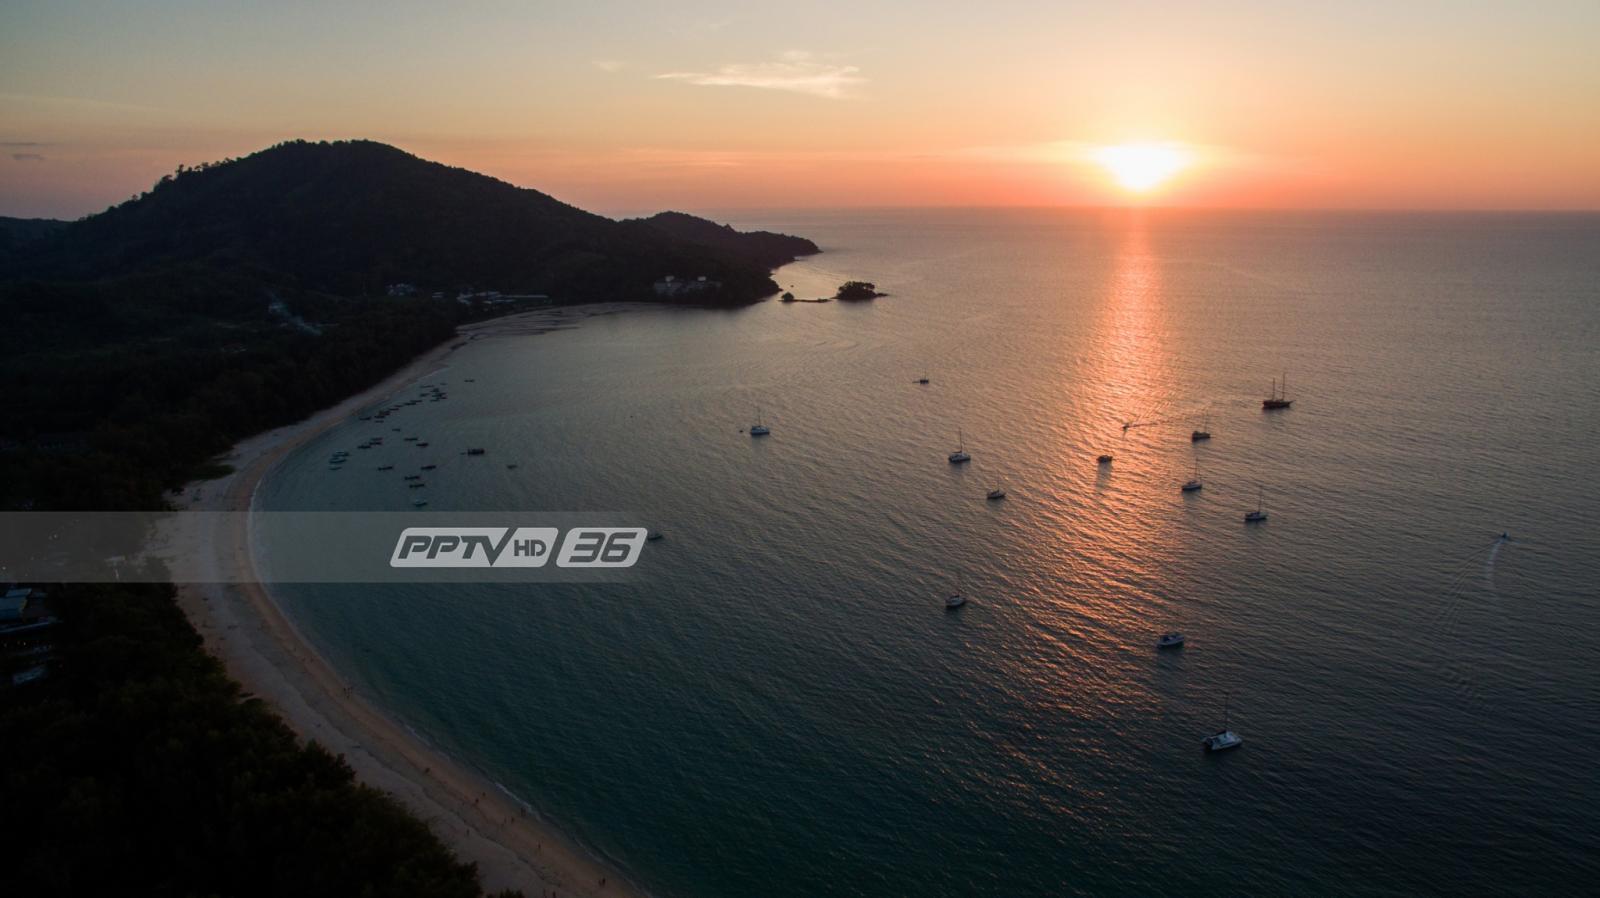 """ร่วมกันรักษ์โลกใน """"วันทะเลโลก"""" World Ocean Day"""